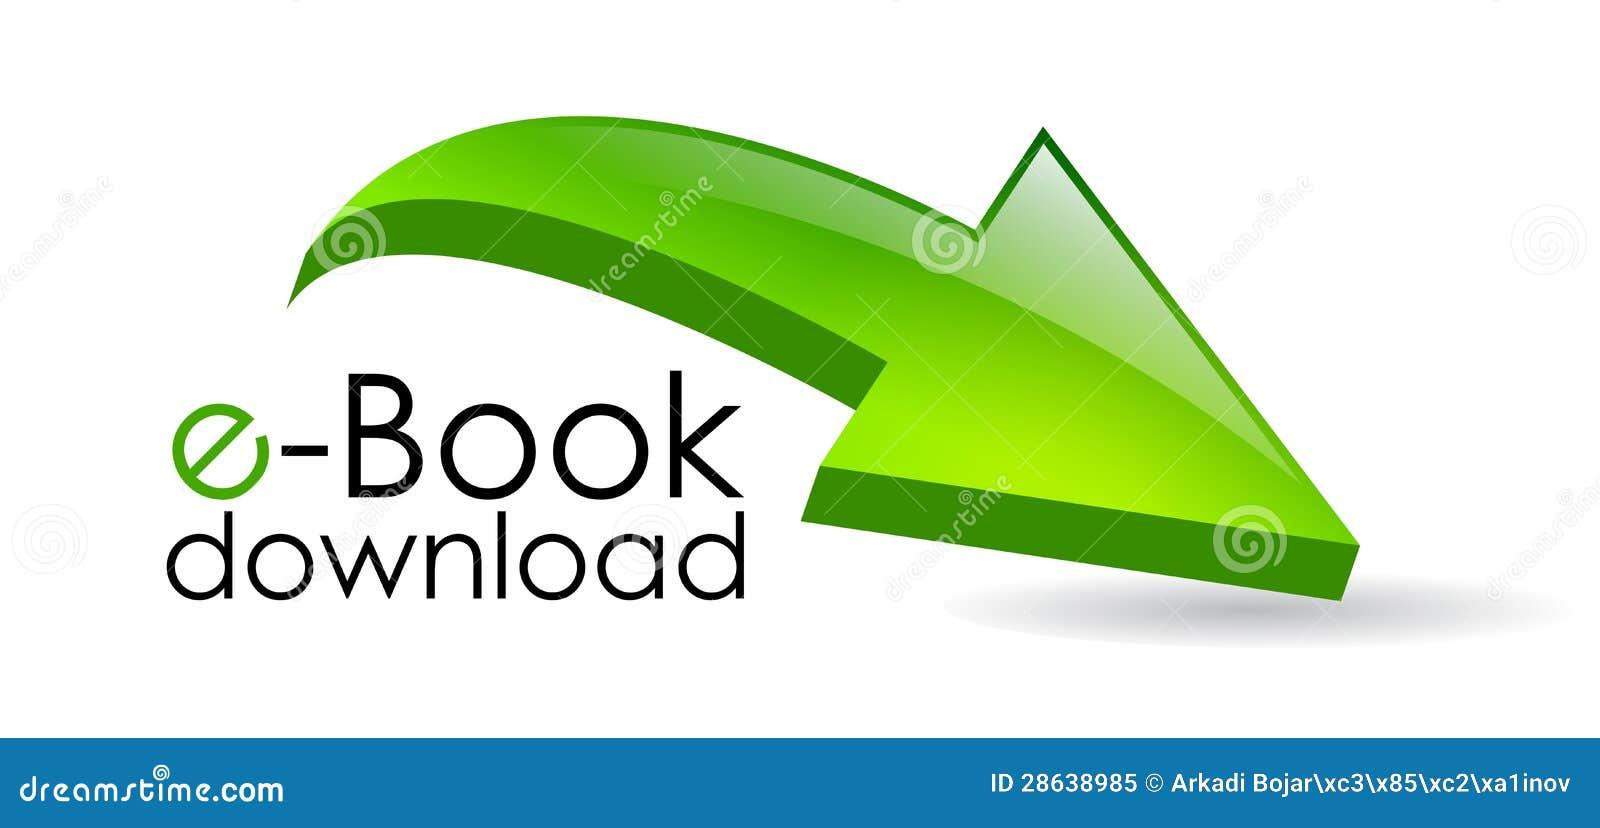 De downloadpijl van Ebook